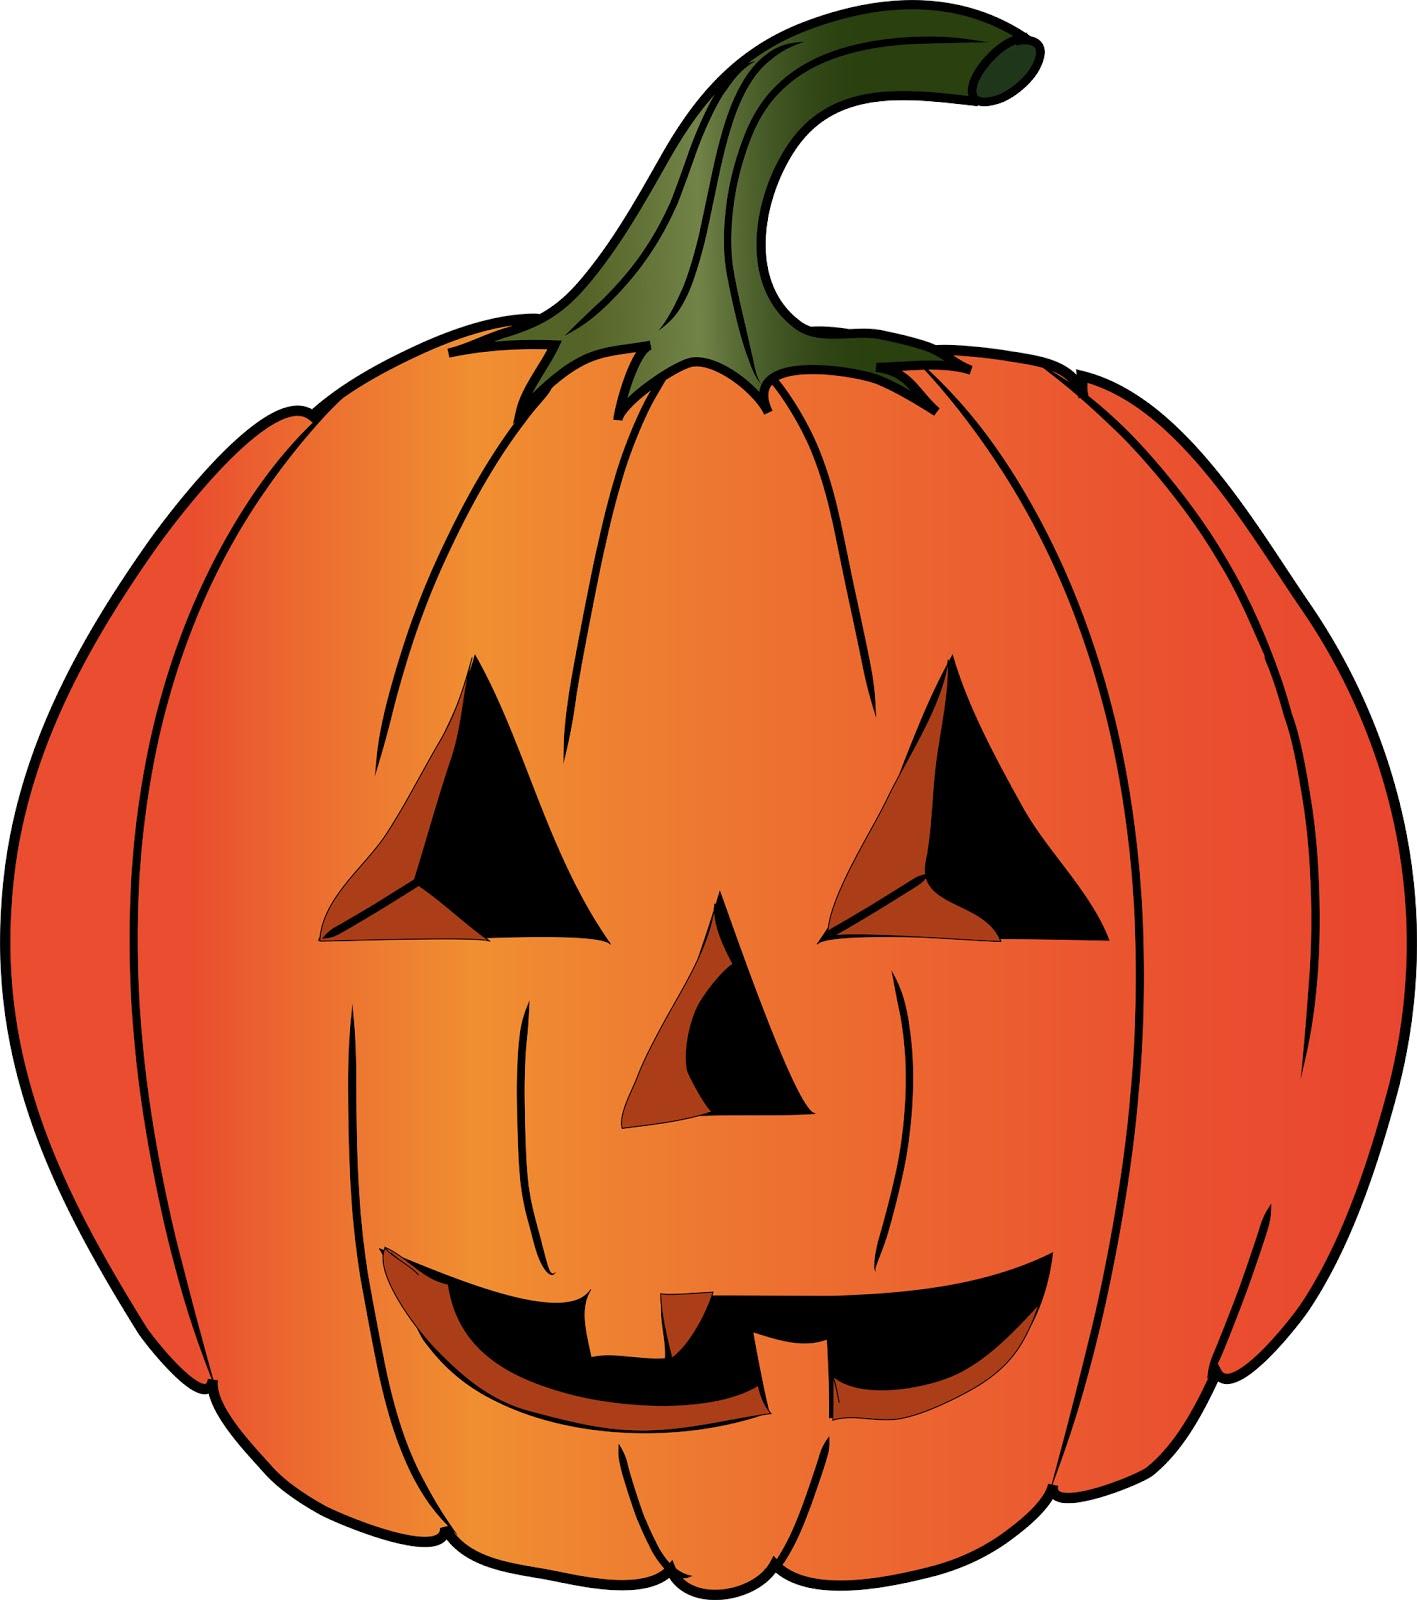 Pumpkin carving clip art clipart best